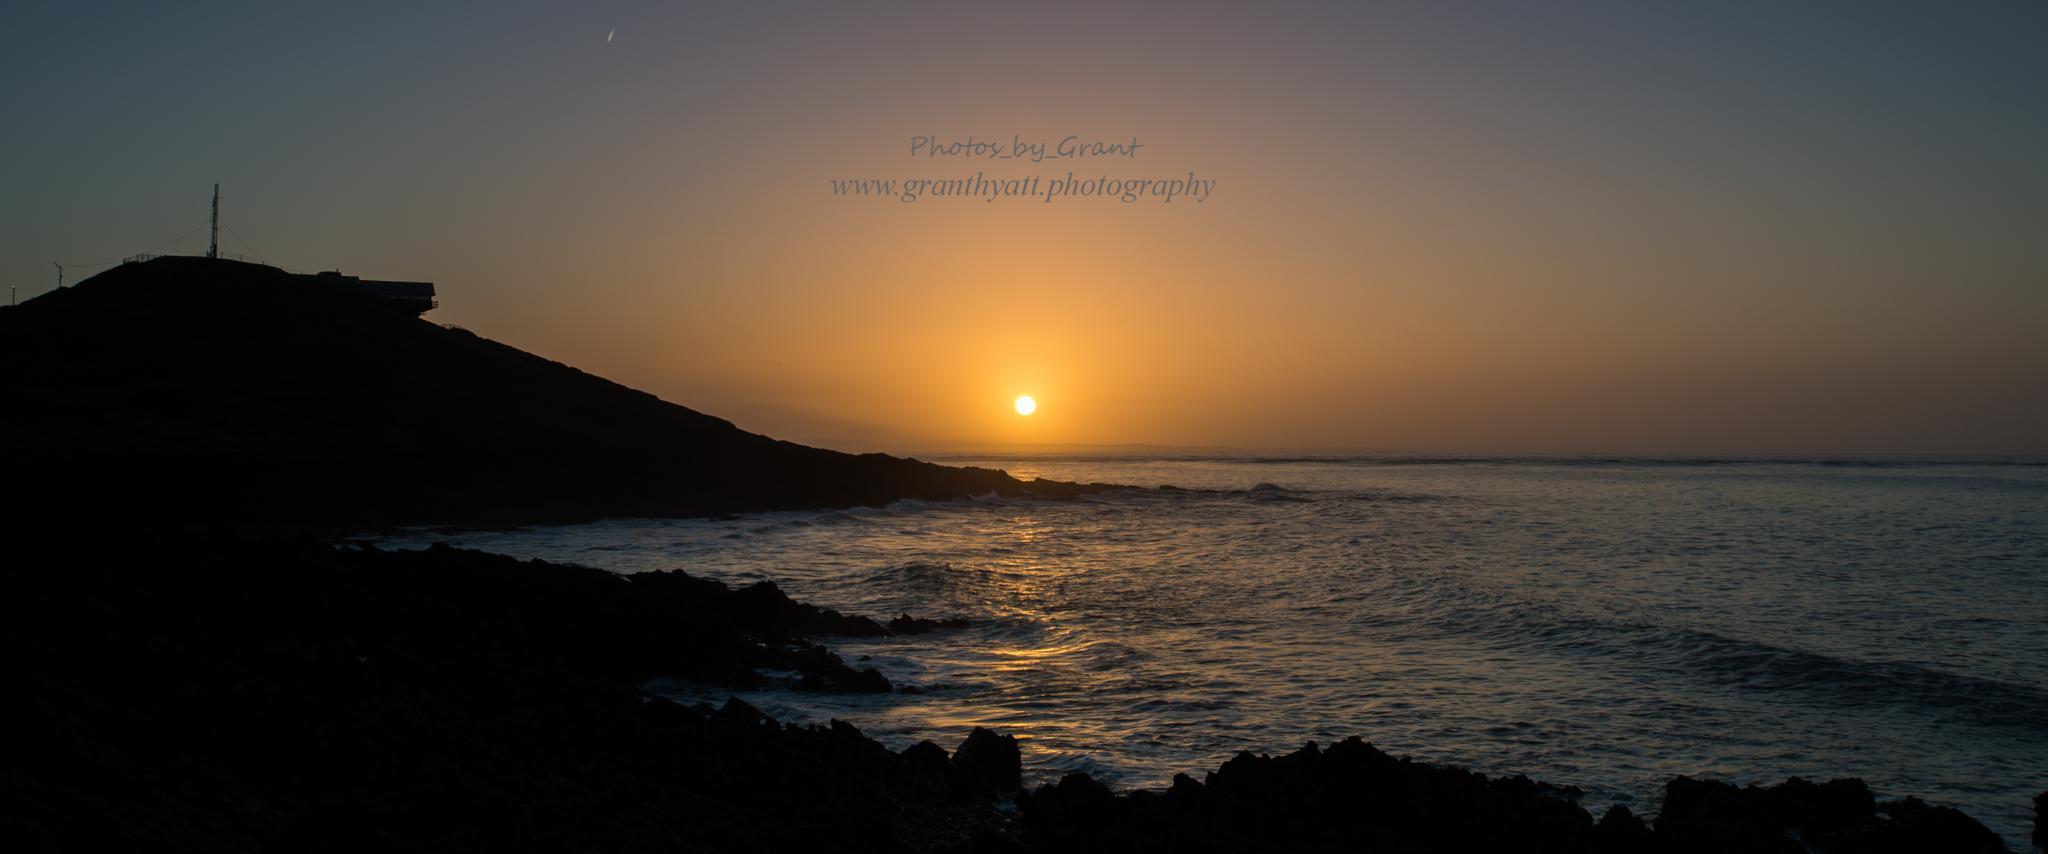 Sunrise on Swansea Bay by Grant Hyatt